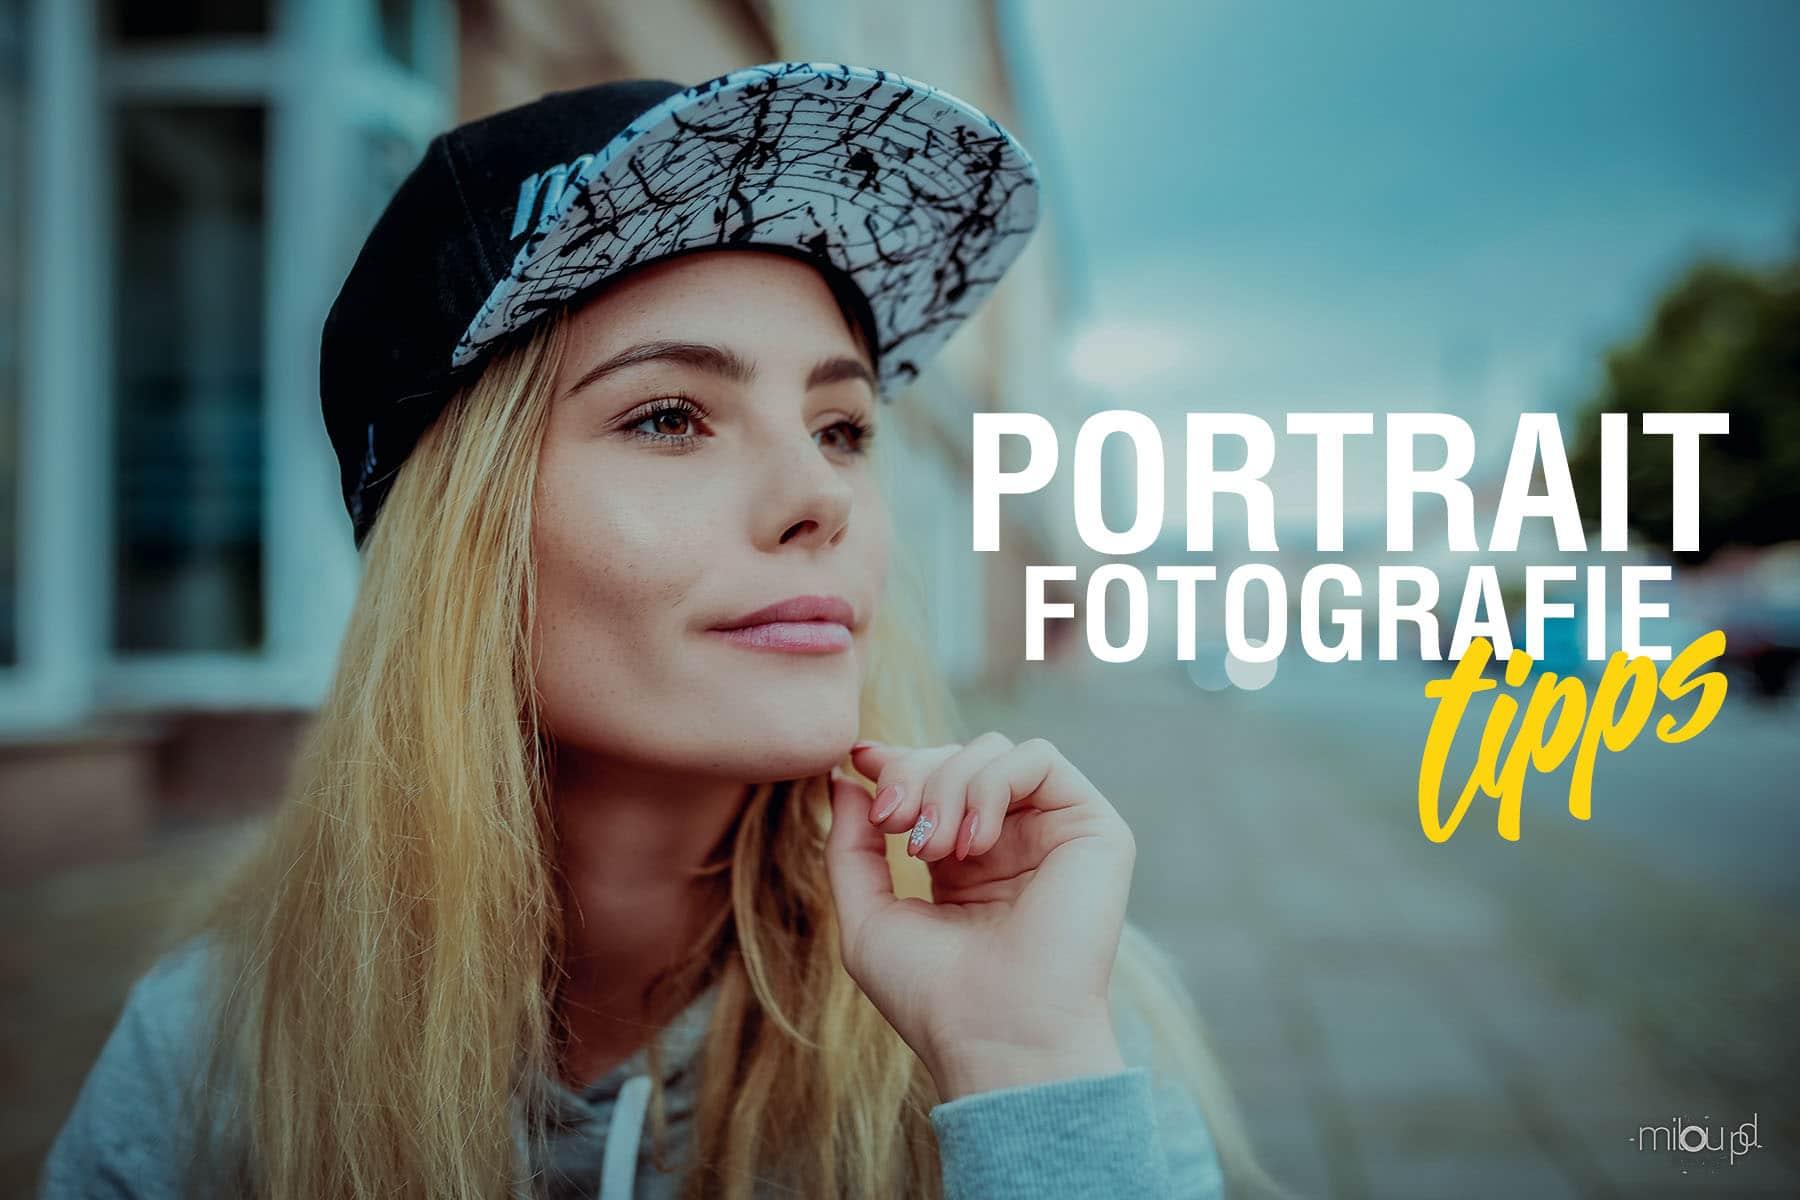 Portraitfotografie - Tipps für gute Portraitfotos